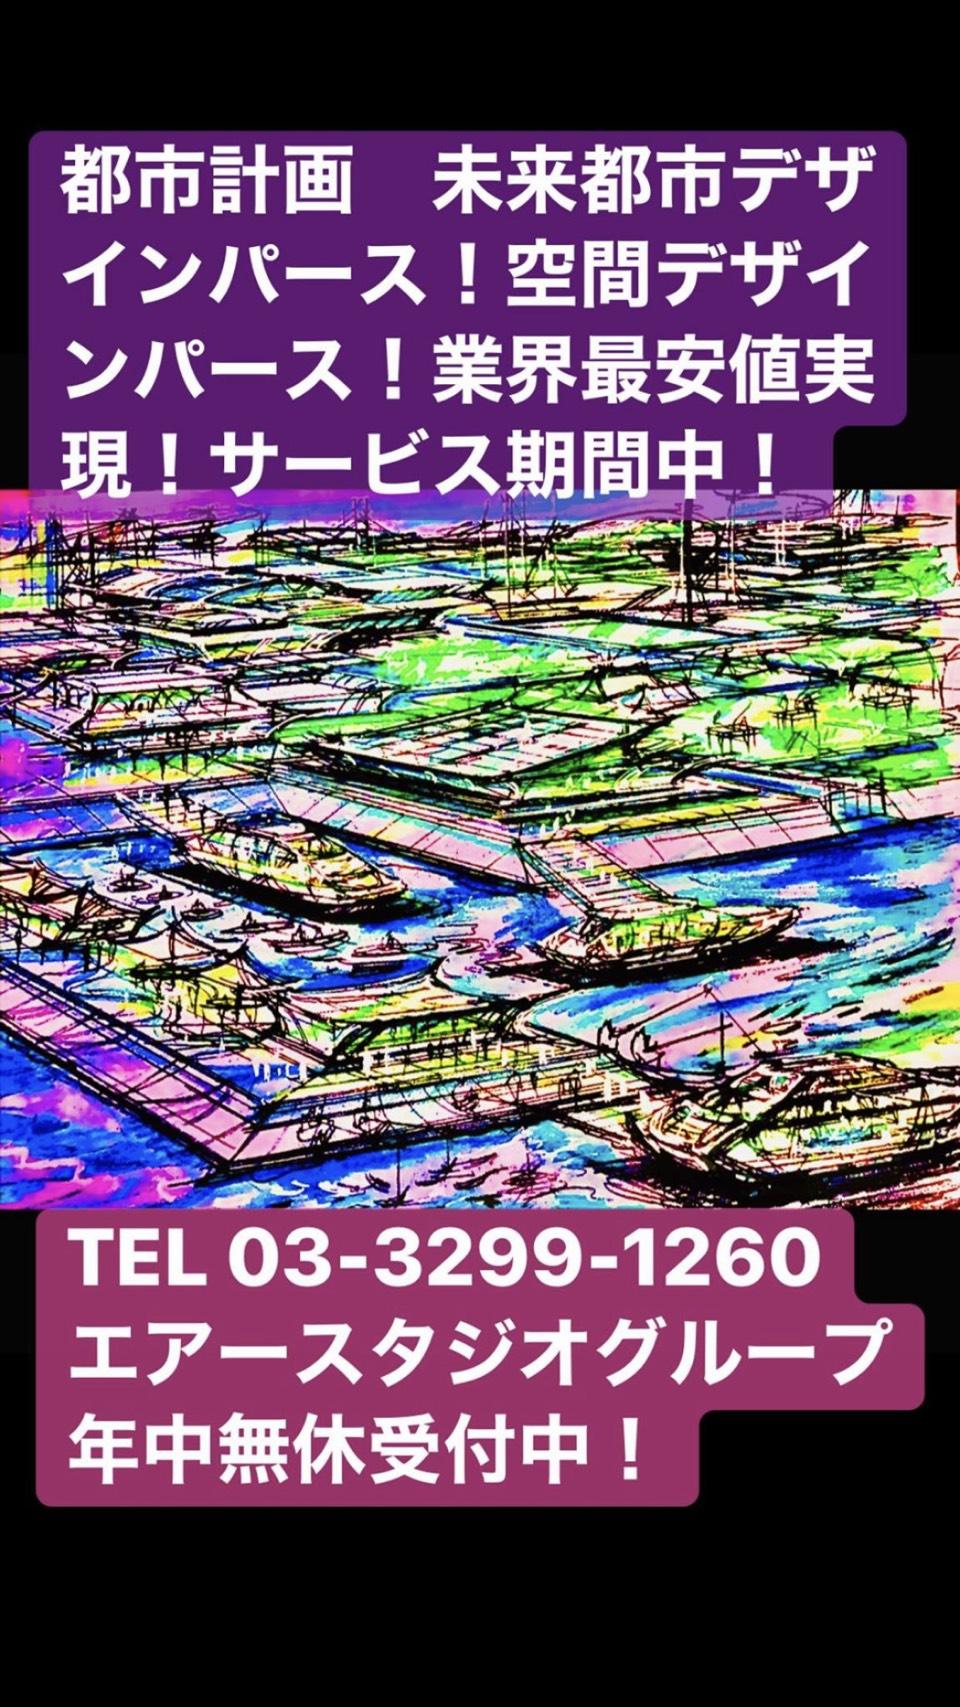 近未来都市計画デザイン